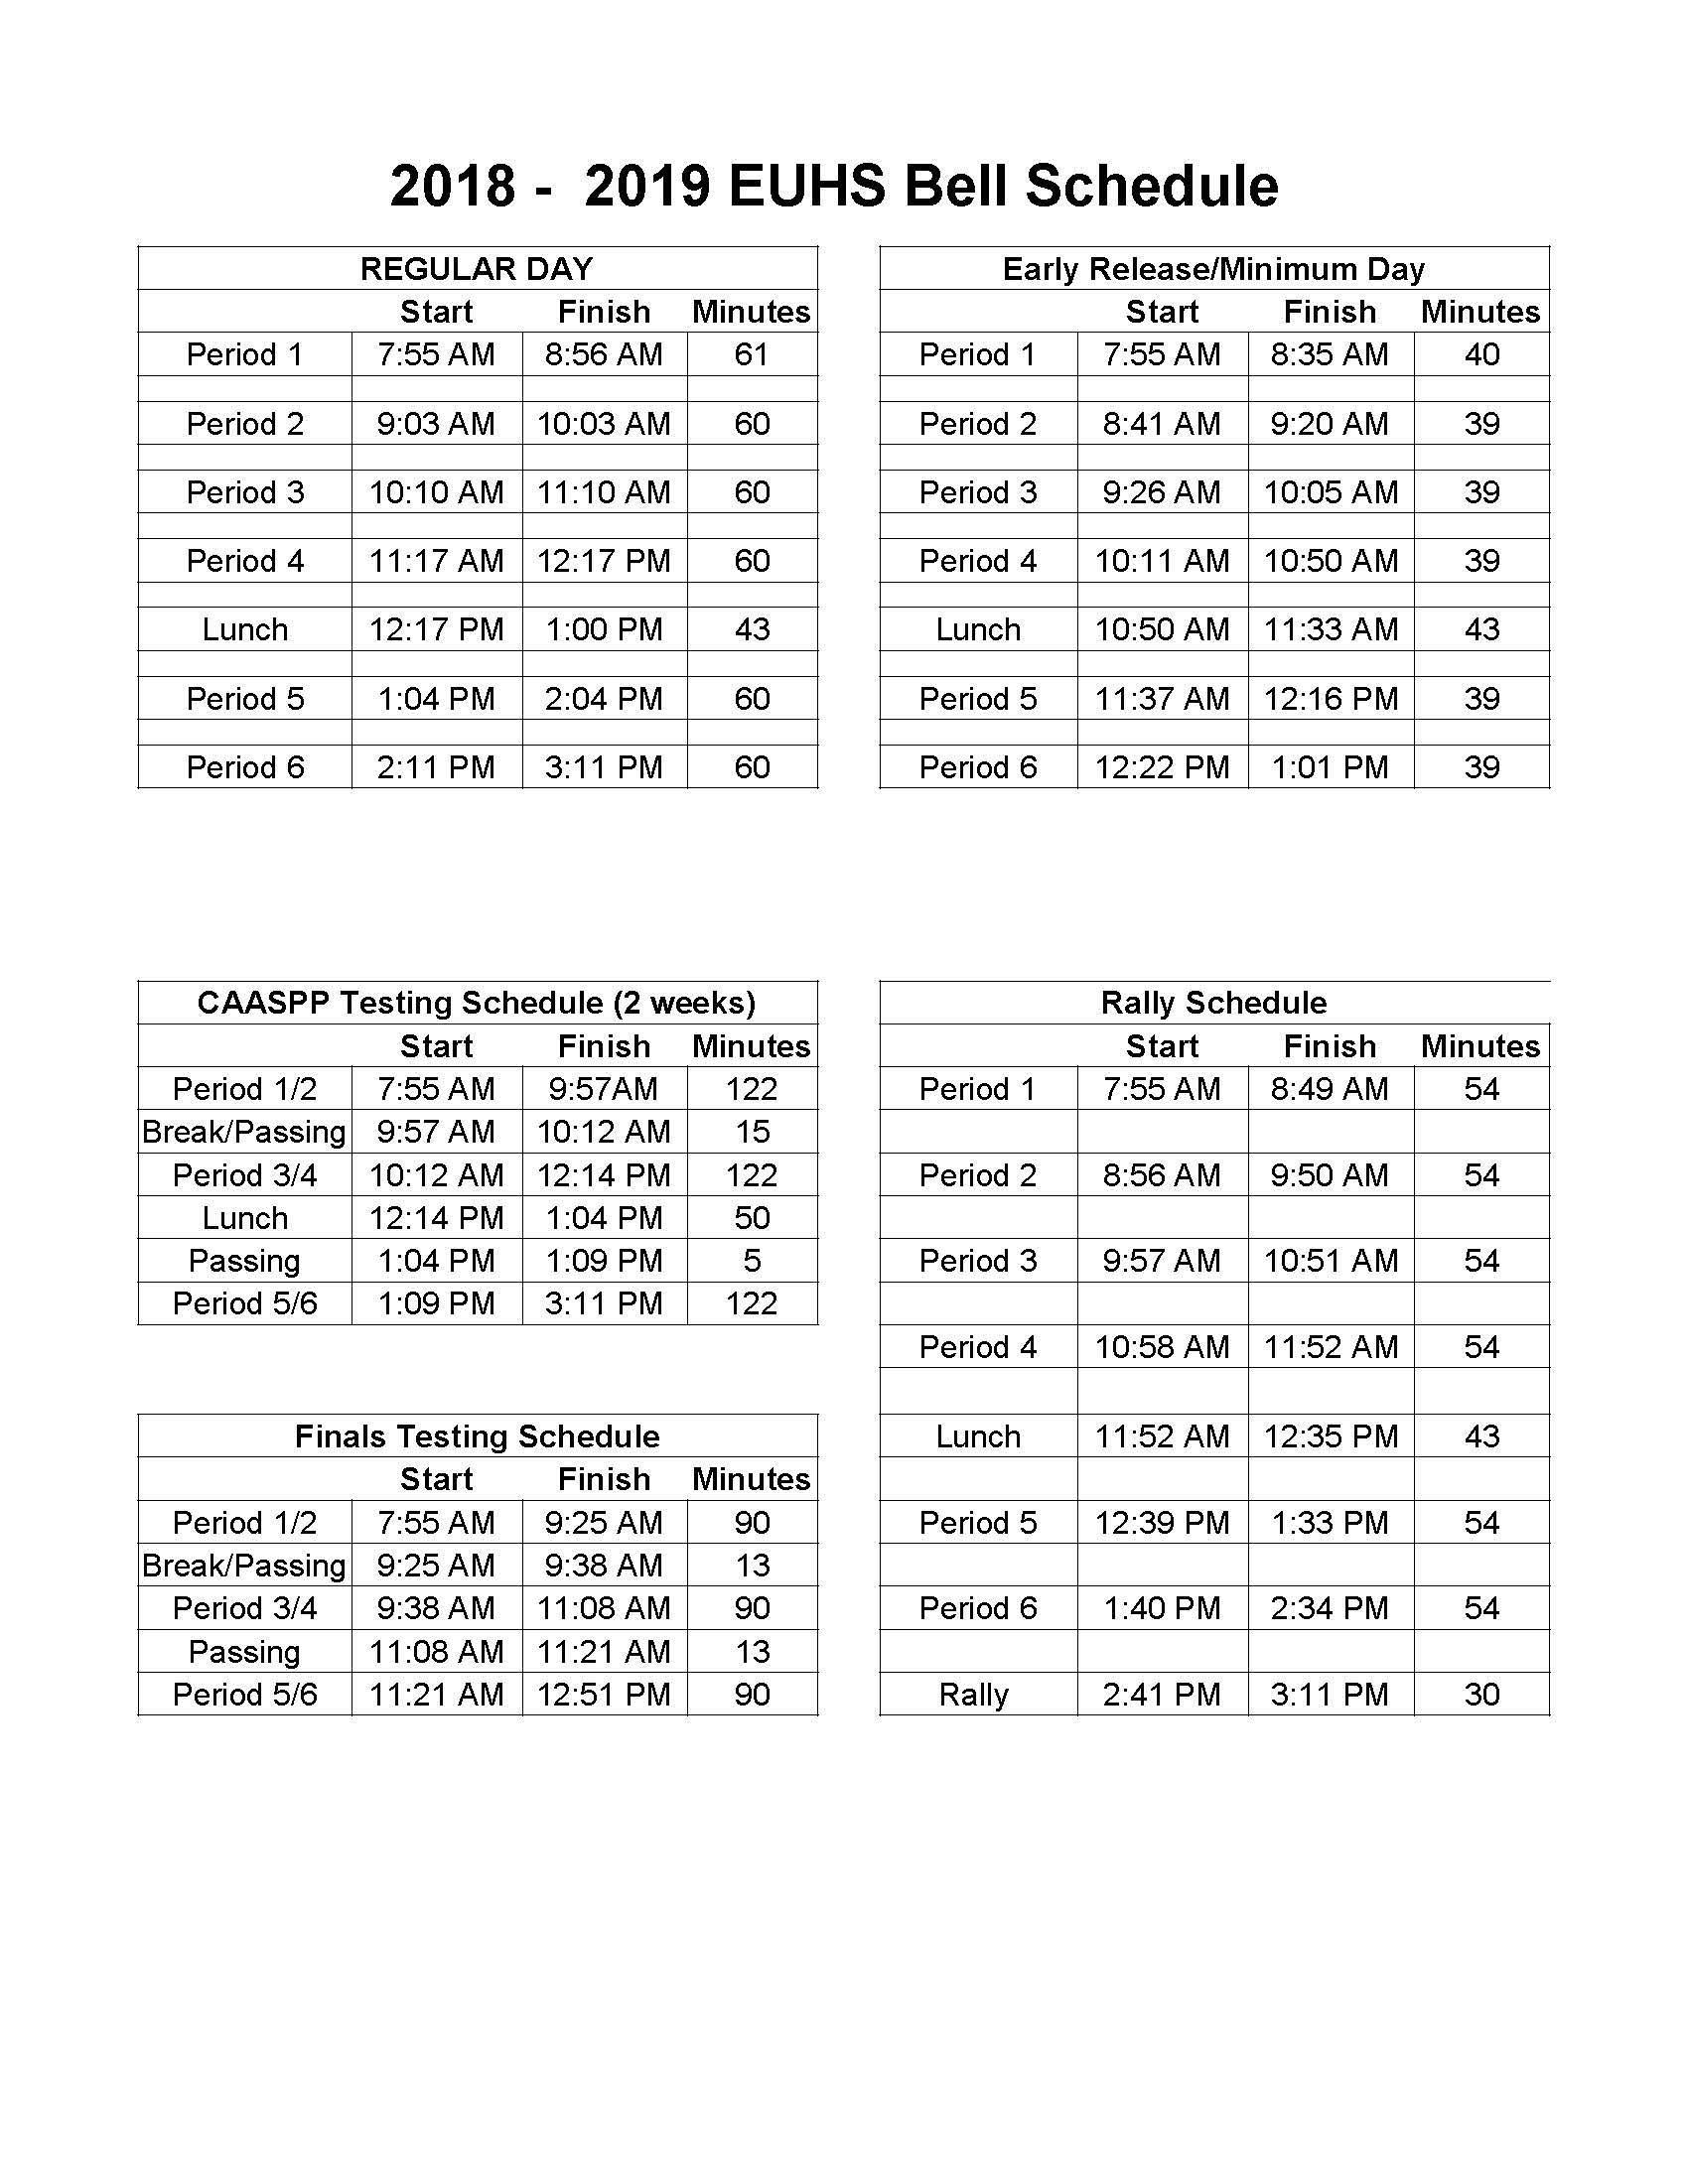 2018-19 EUHS Bell Schedule